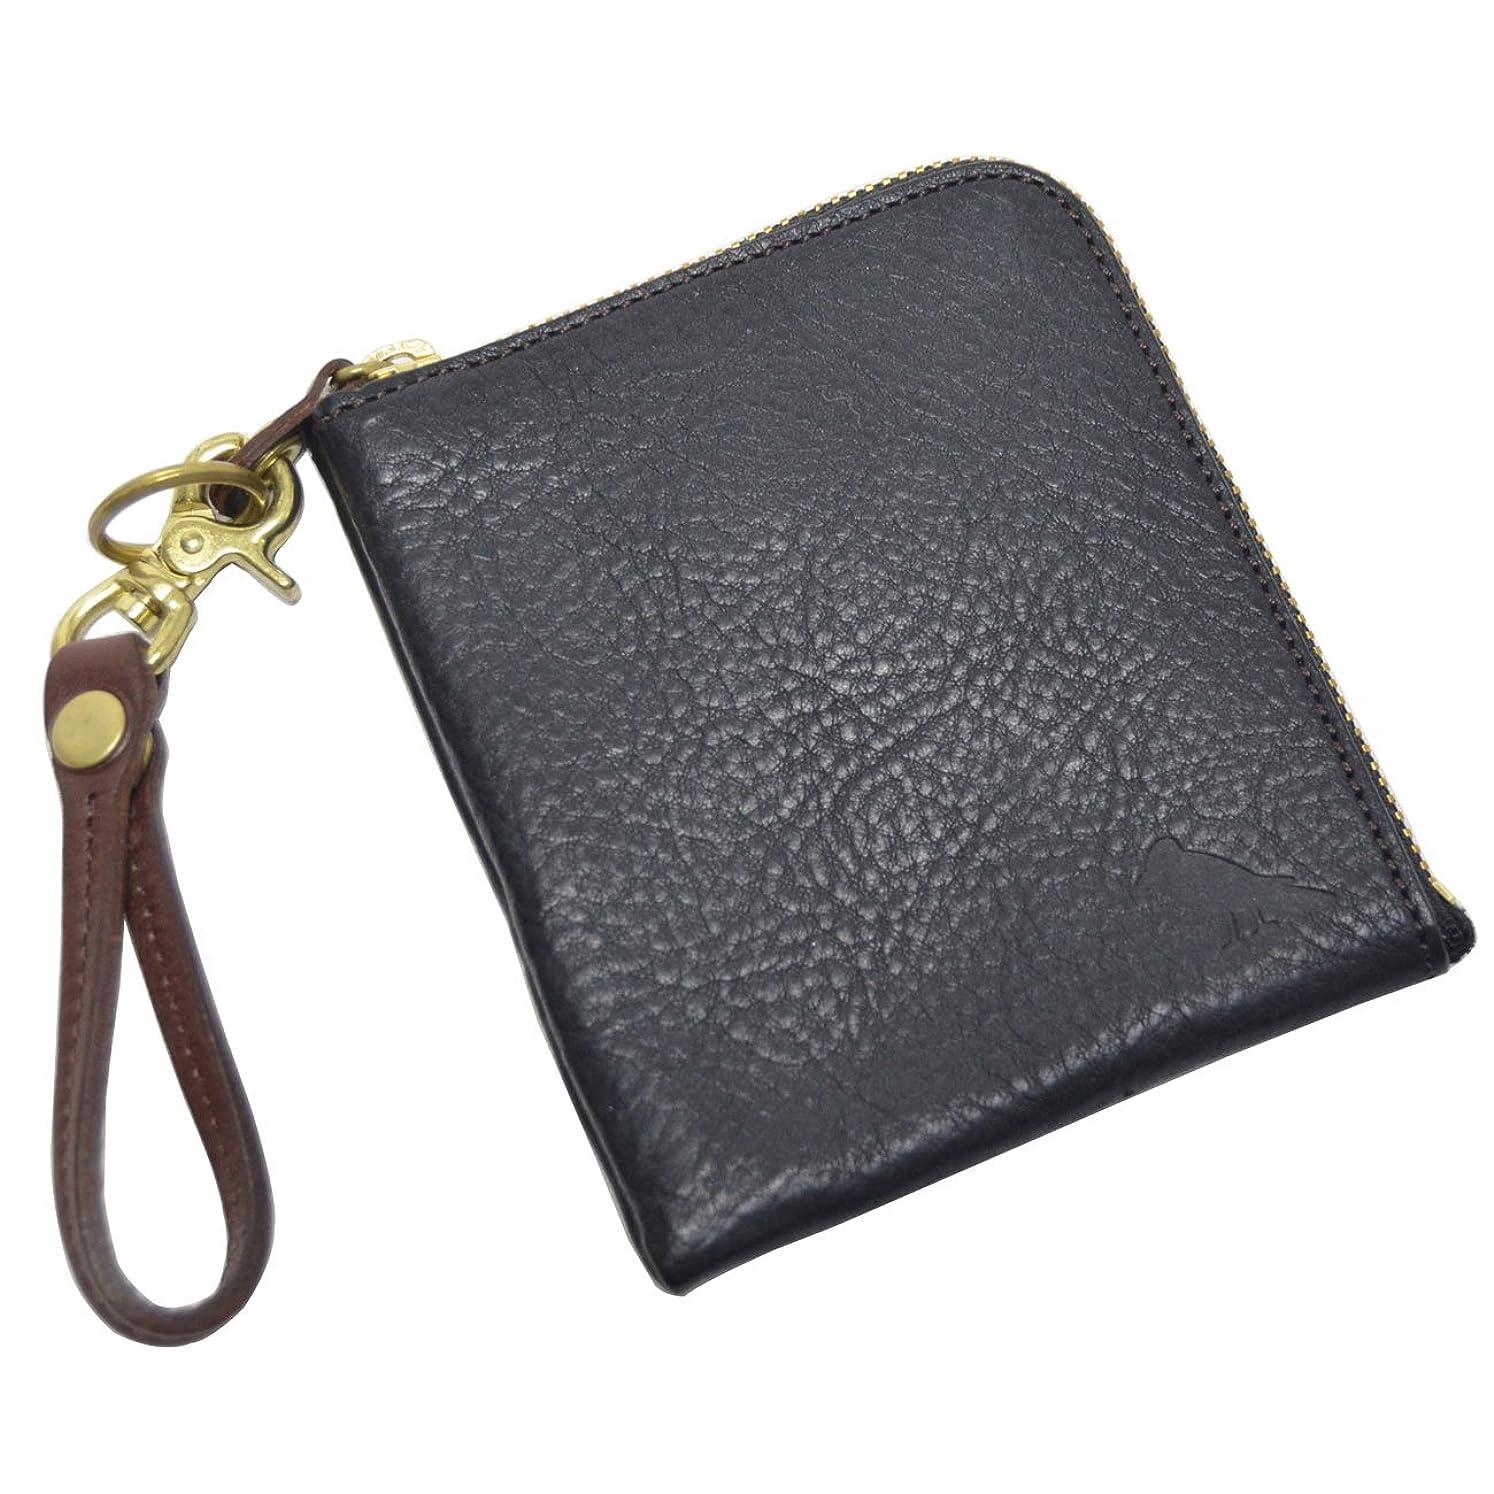 援助全体団結する(エスペラント) esperanto レザー 財布 Lジップ ミネルバボックス ミニウォレット ESP-6131 ブラック